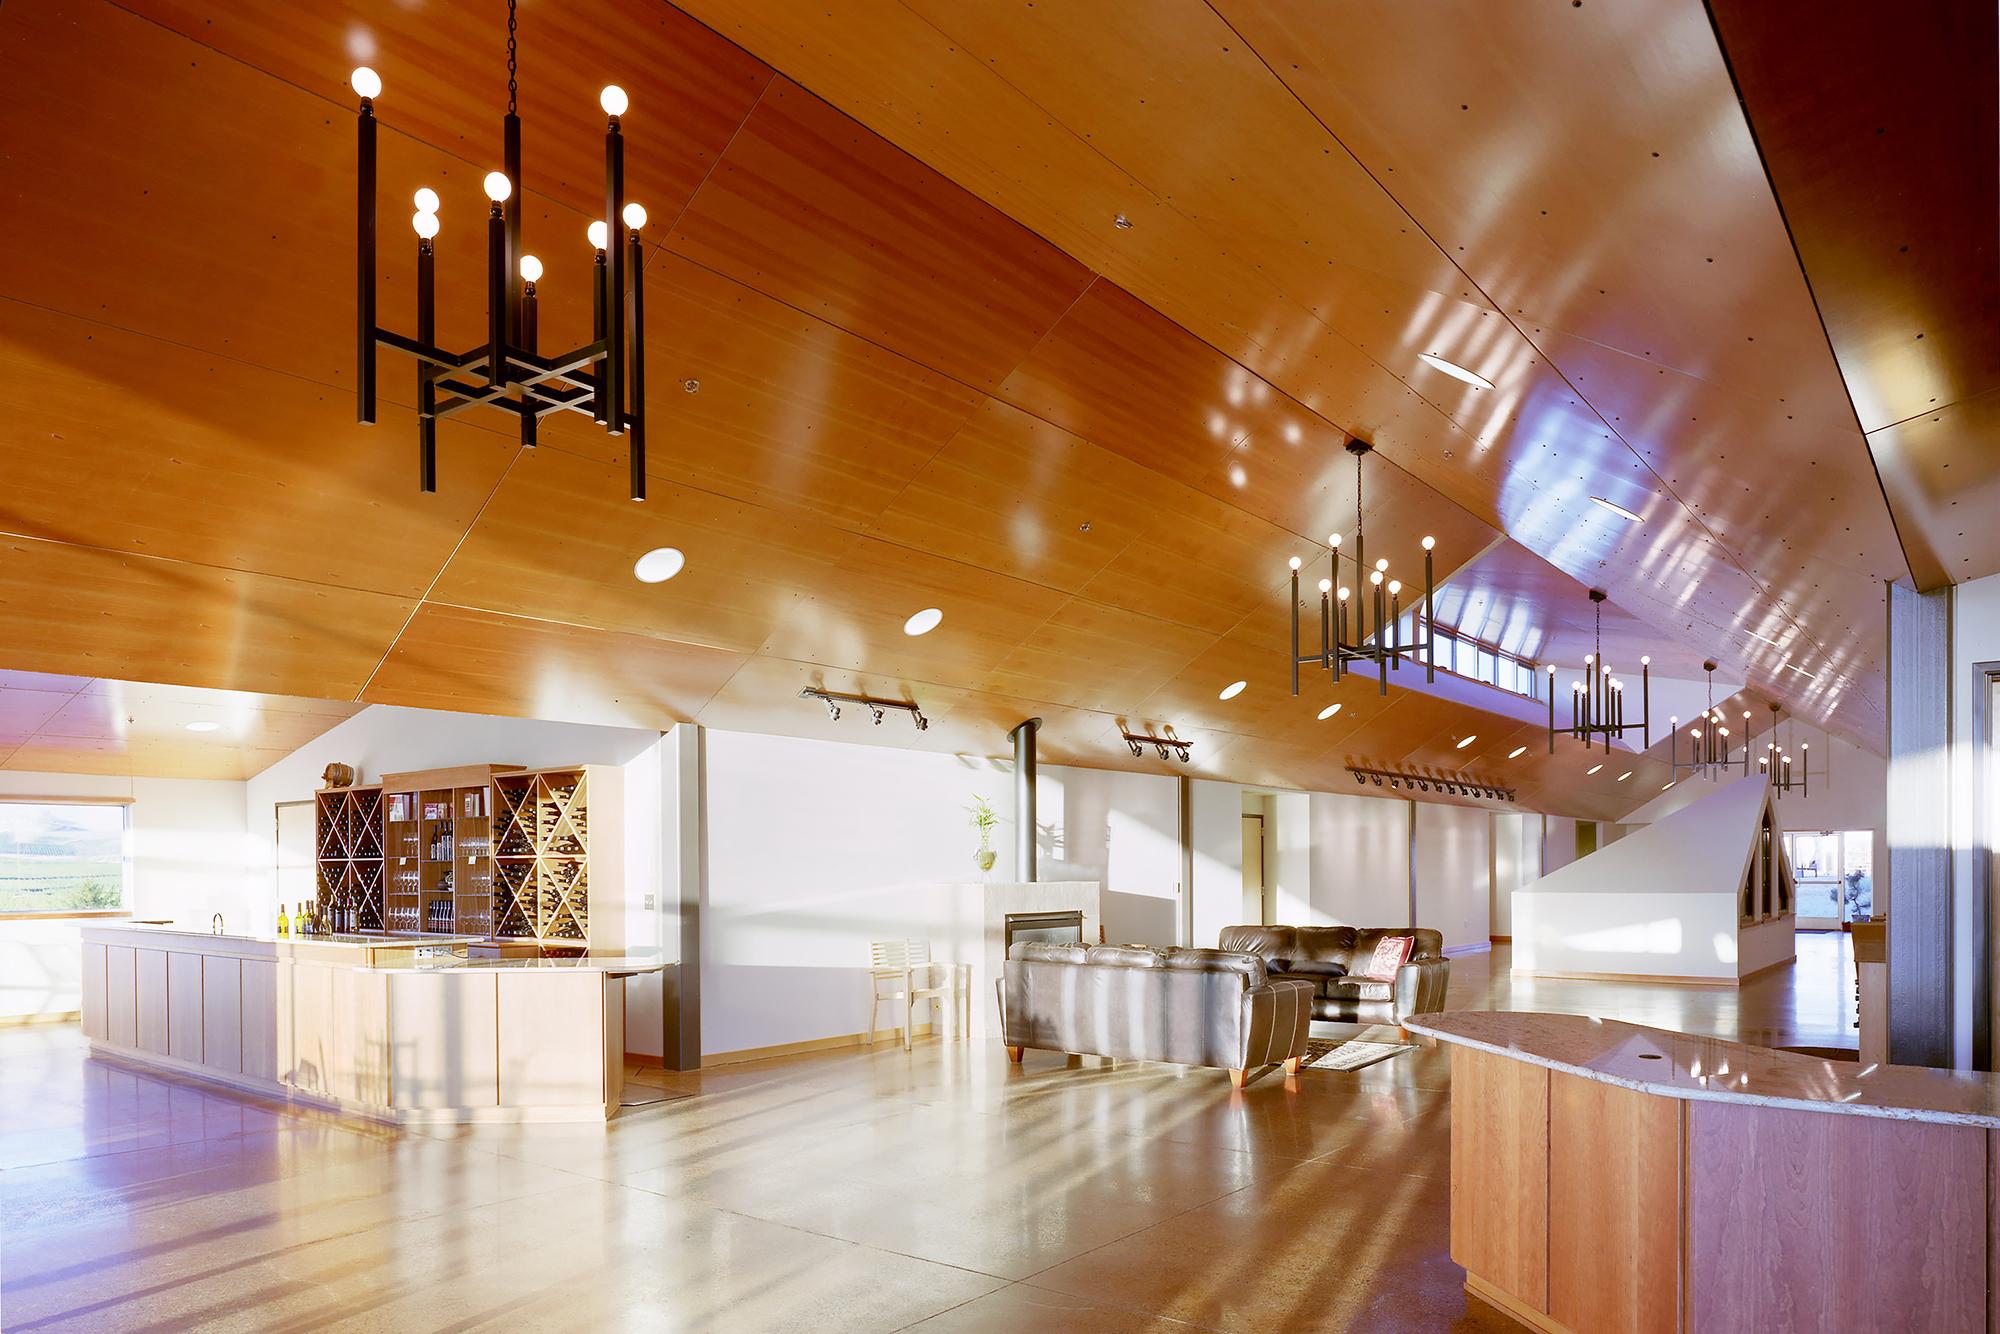 Kiona Winery Interior.jpg